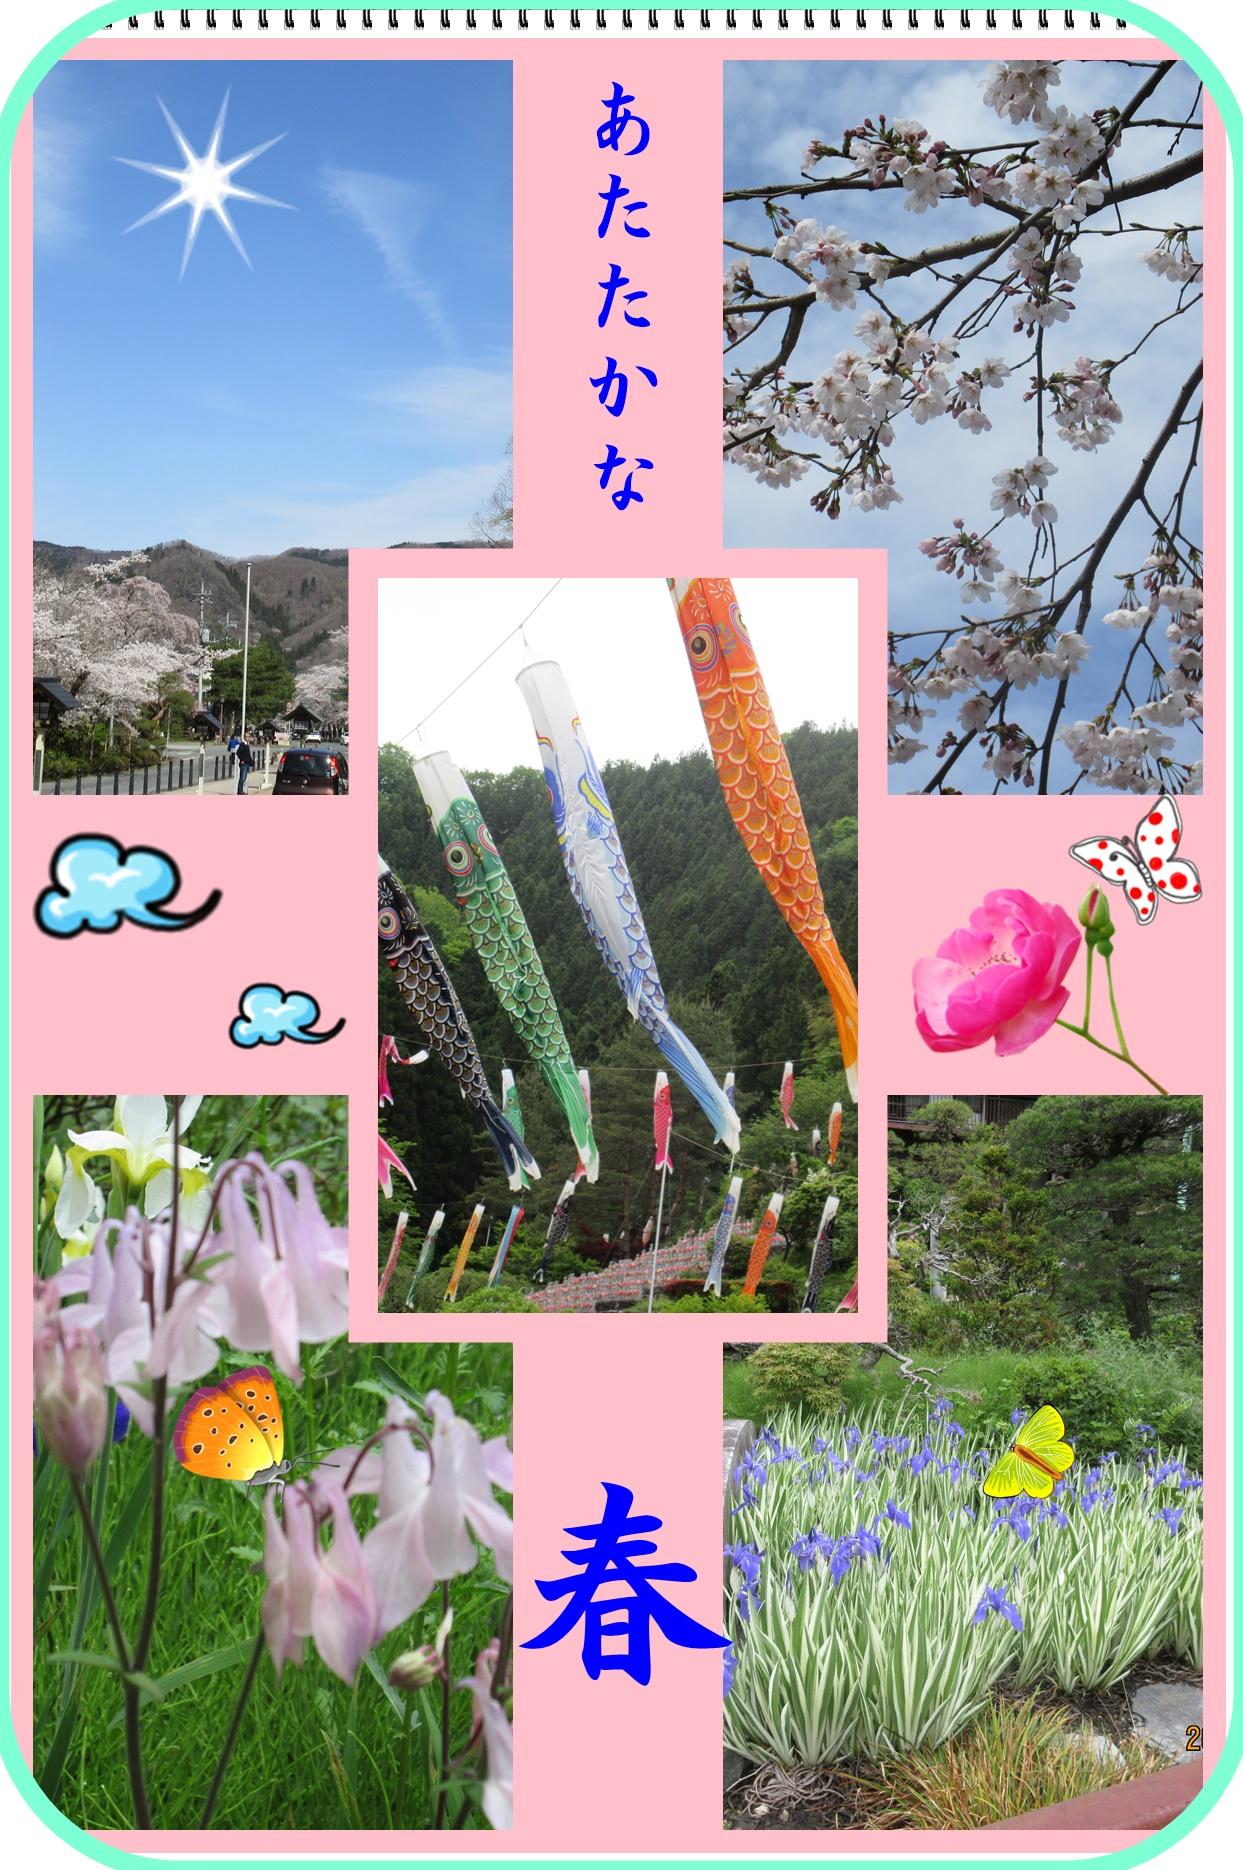 あたたかな春3 (1)冨田さん